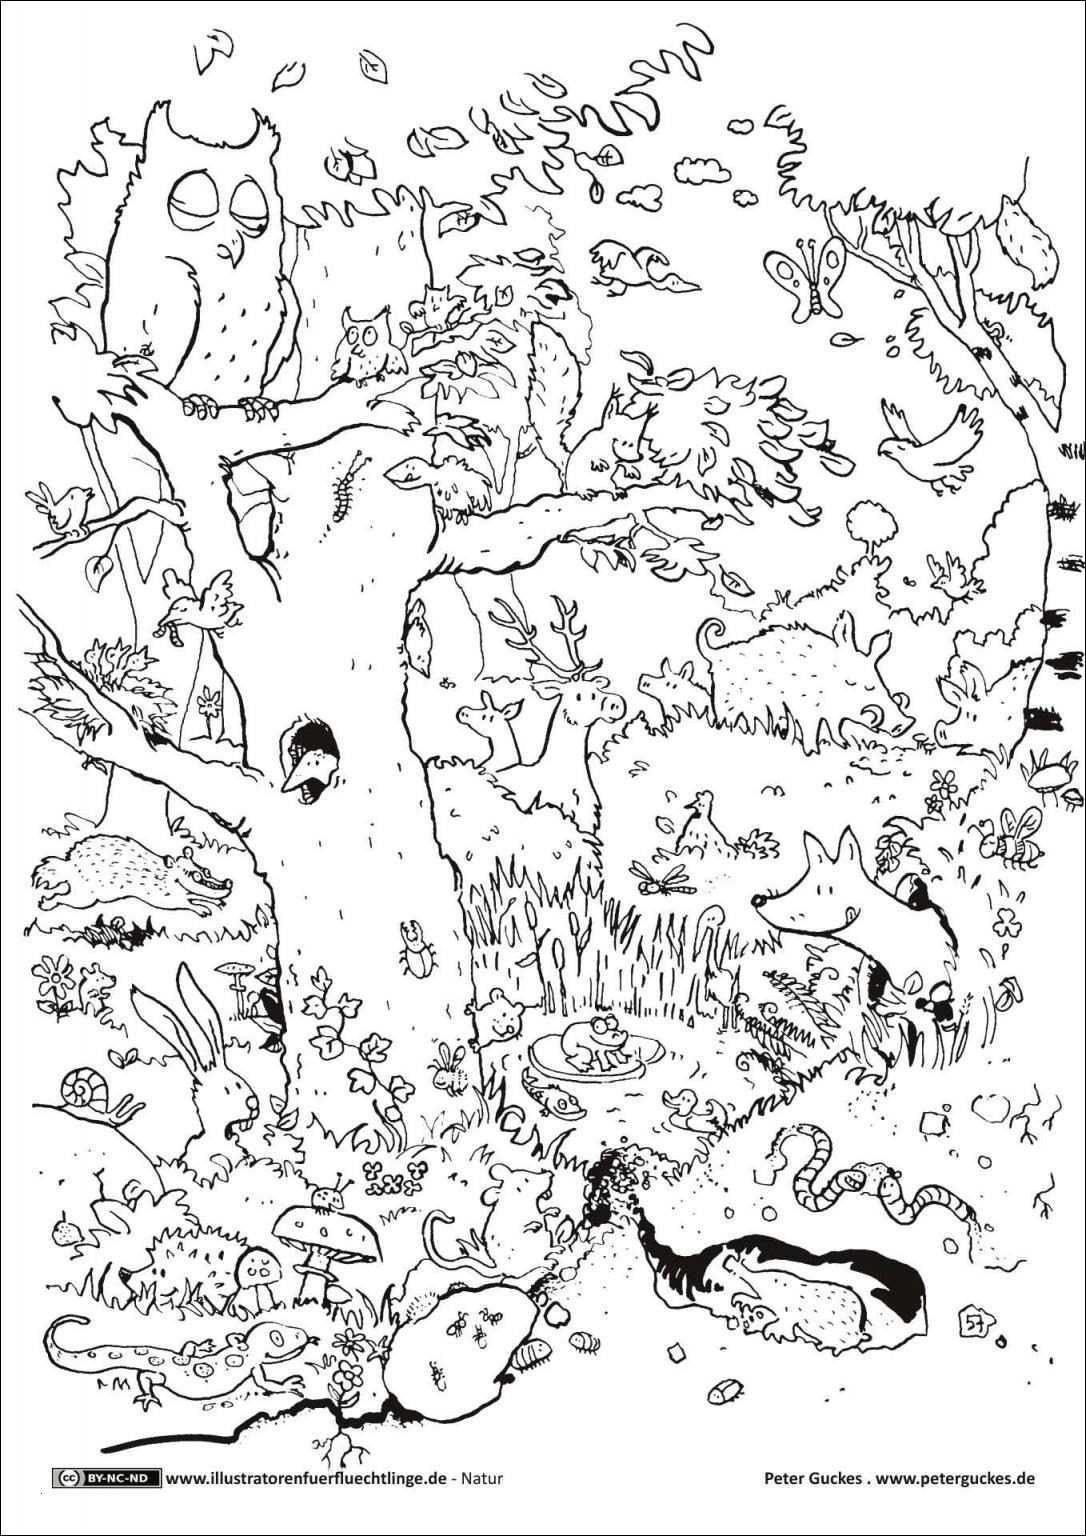 Baum Zeichnung Bleistift Inspirierend Wald Gezeichnet Bleistift Fotos 40 Ausmalbilder Herbst Baum Das Bild